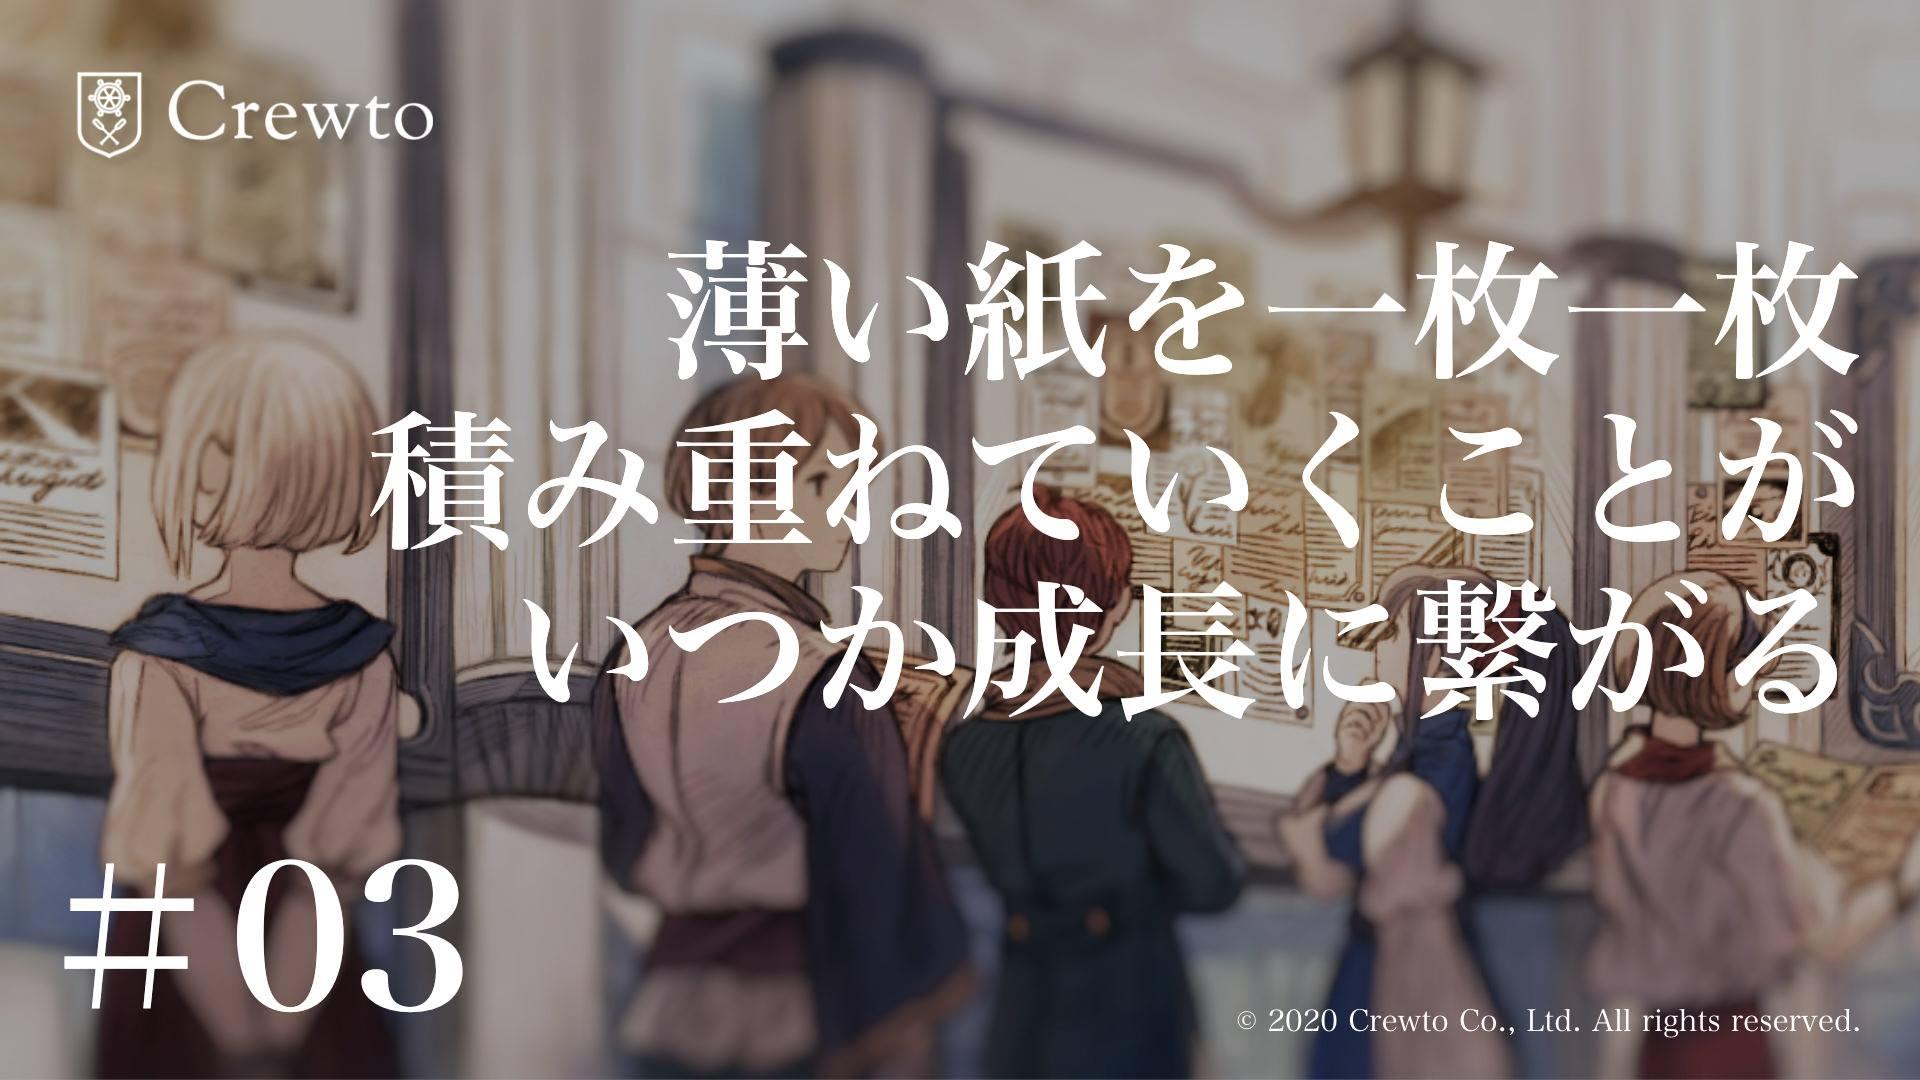 弊社代表・和田がチーム採用ができるサービス『Crewto』のYoutubeチャンネルに出演